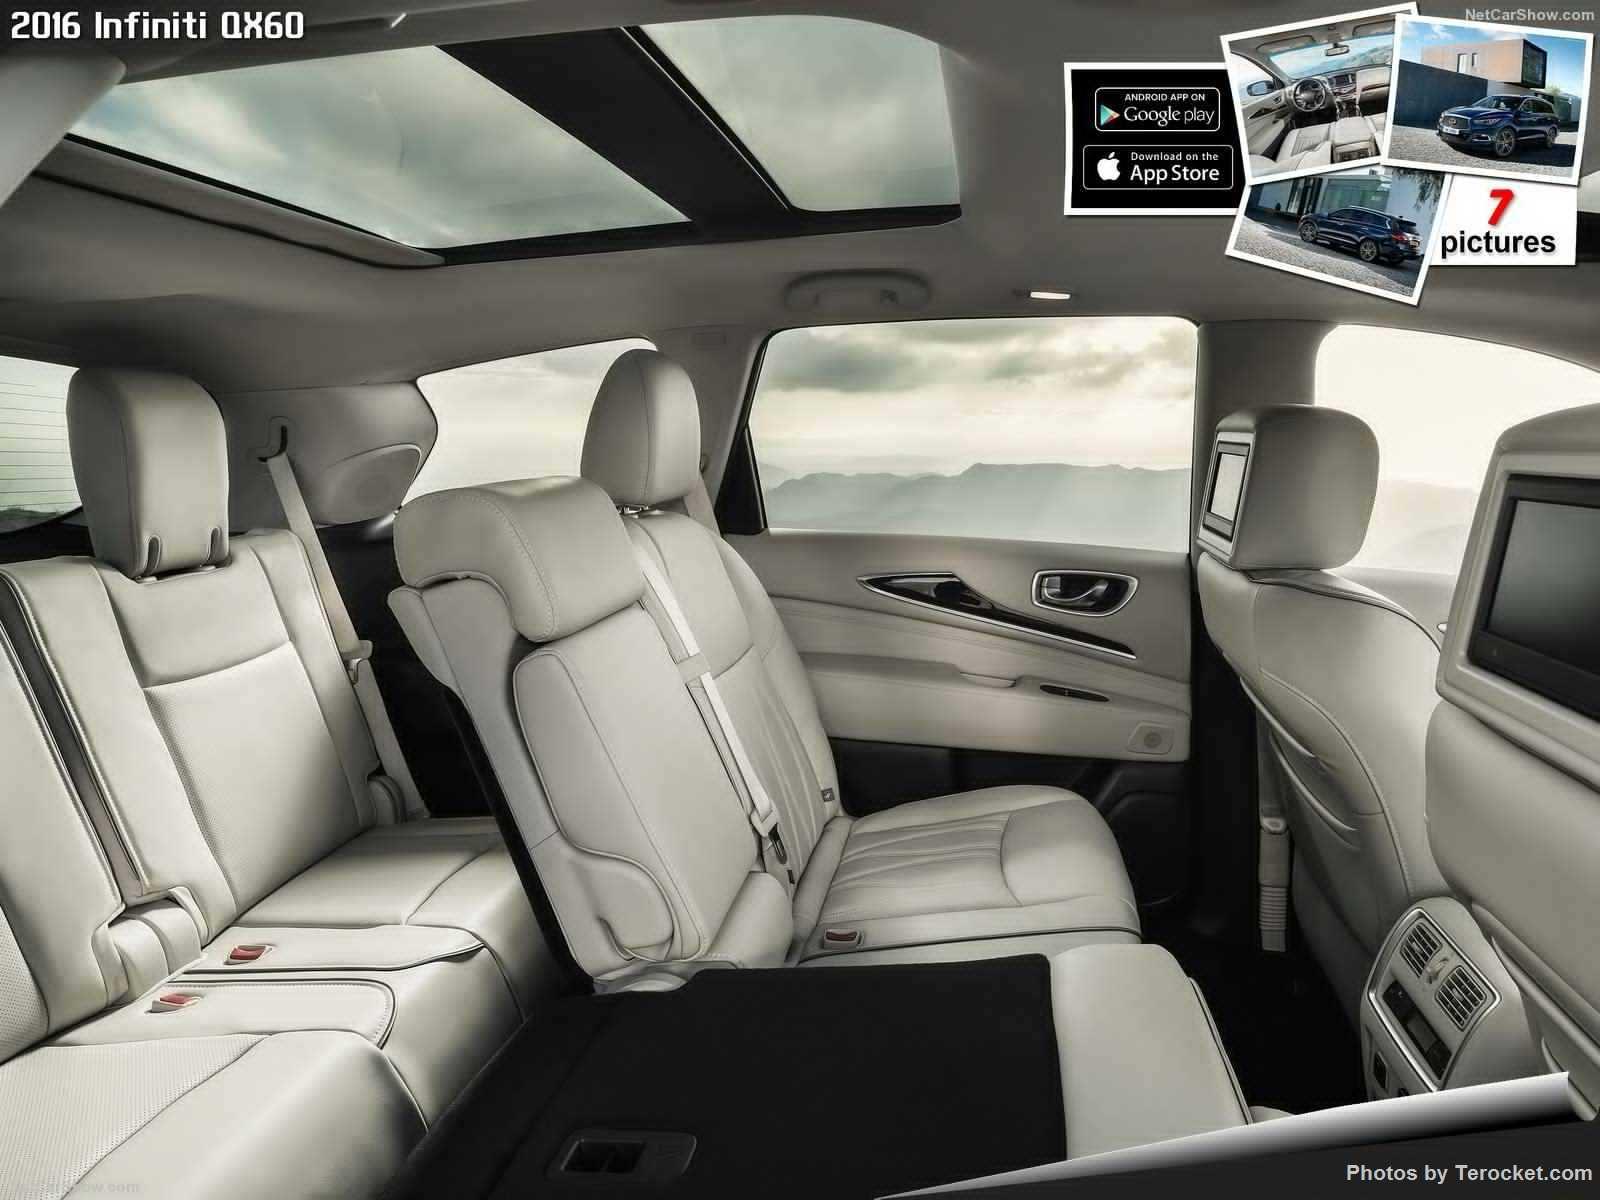 Hình ảnh xe ô tô Infiniti QX60 2016 & nội ngoại thất